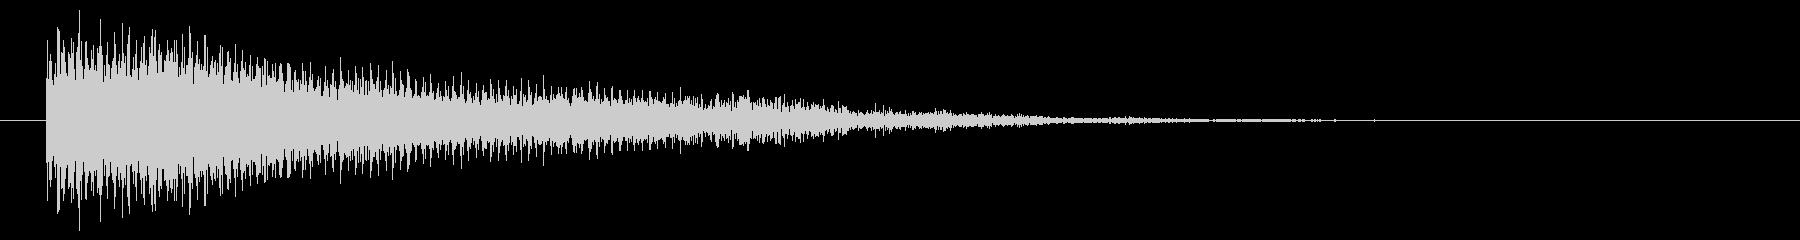 (デデーン)アウト_ガキ_パロディの未再生の波形